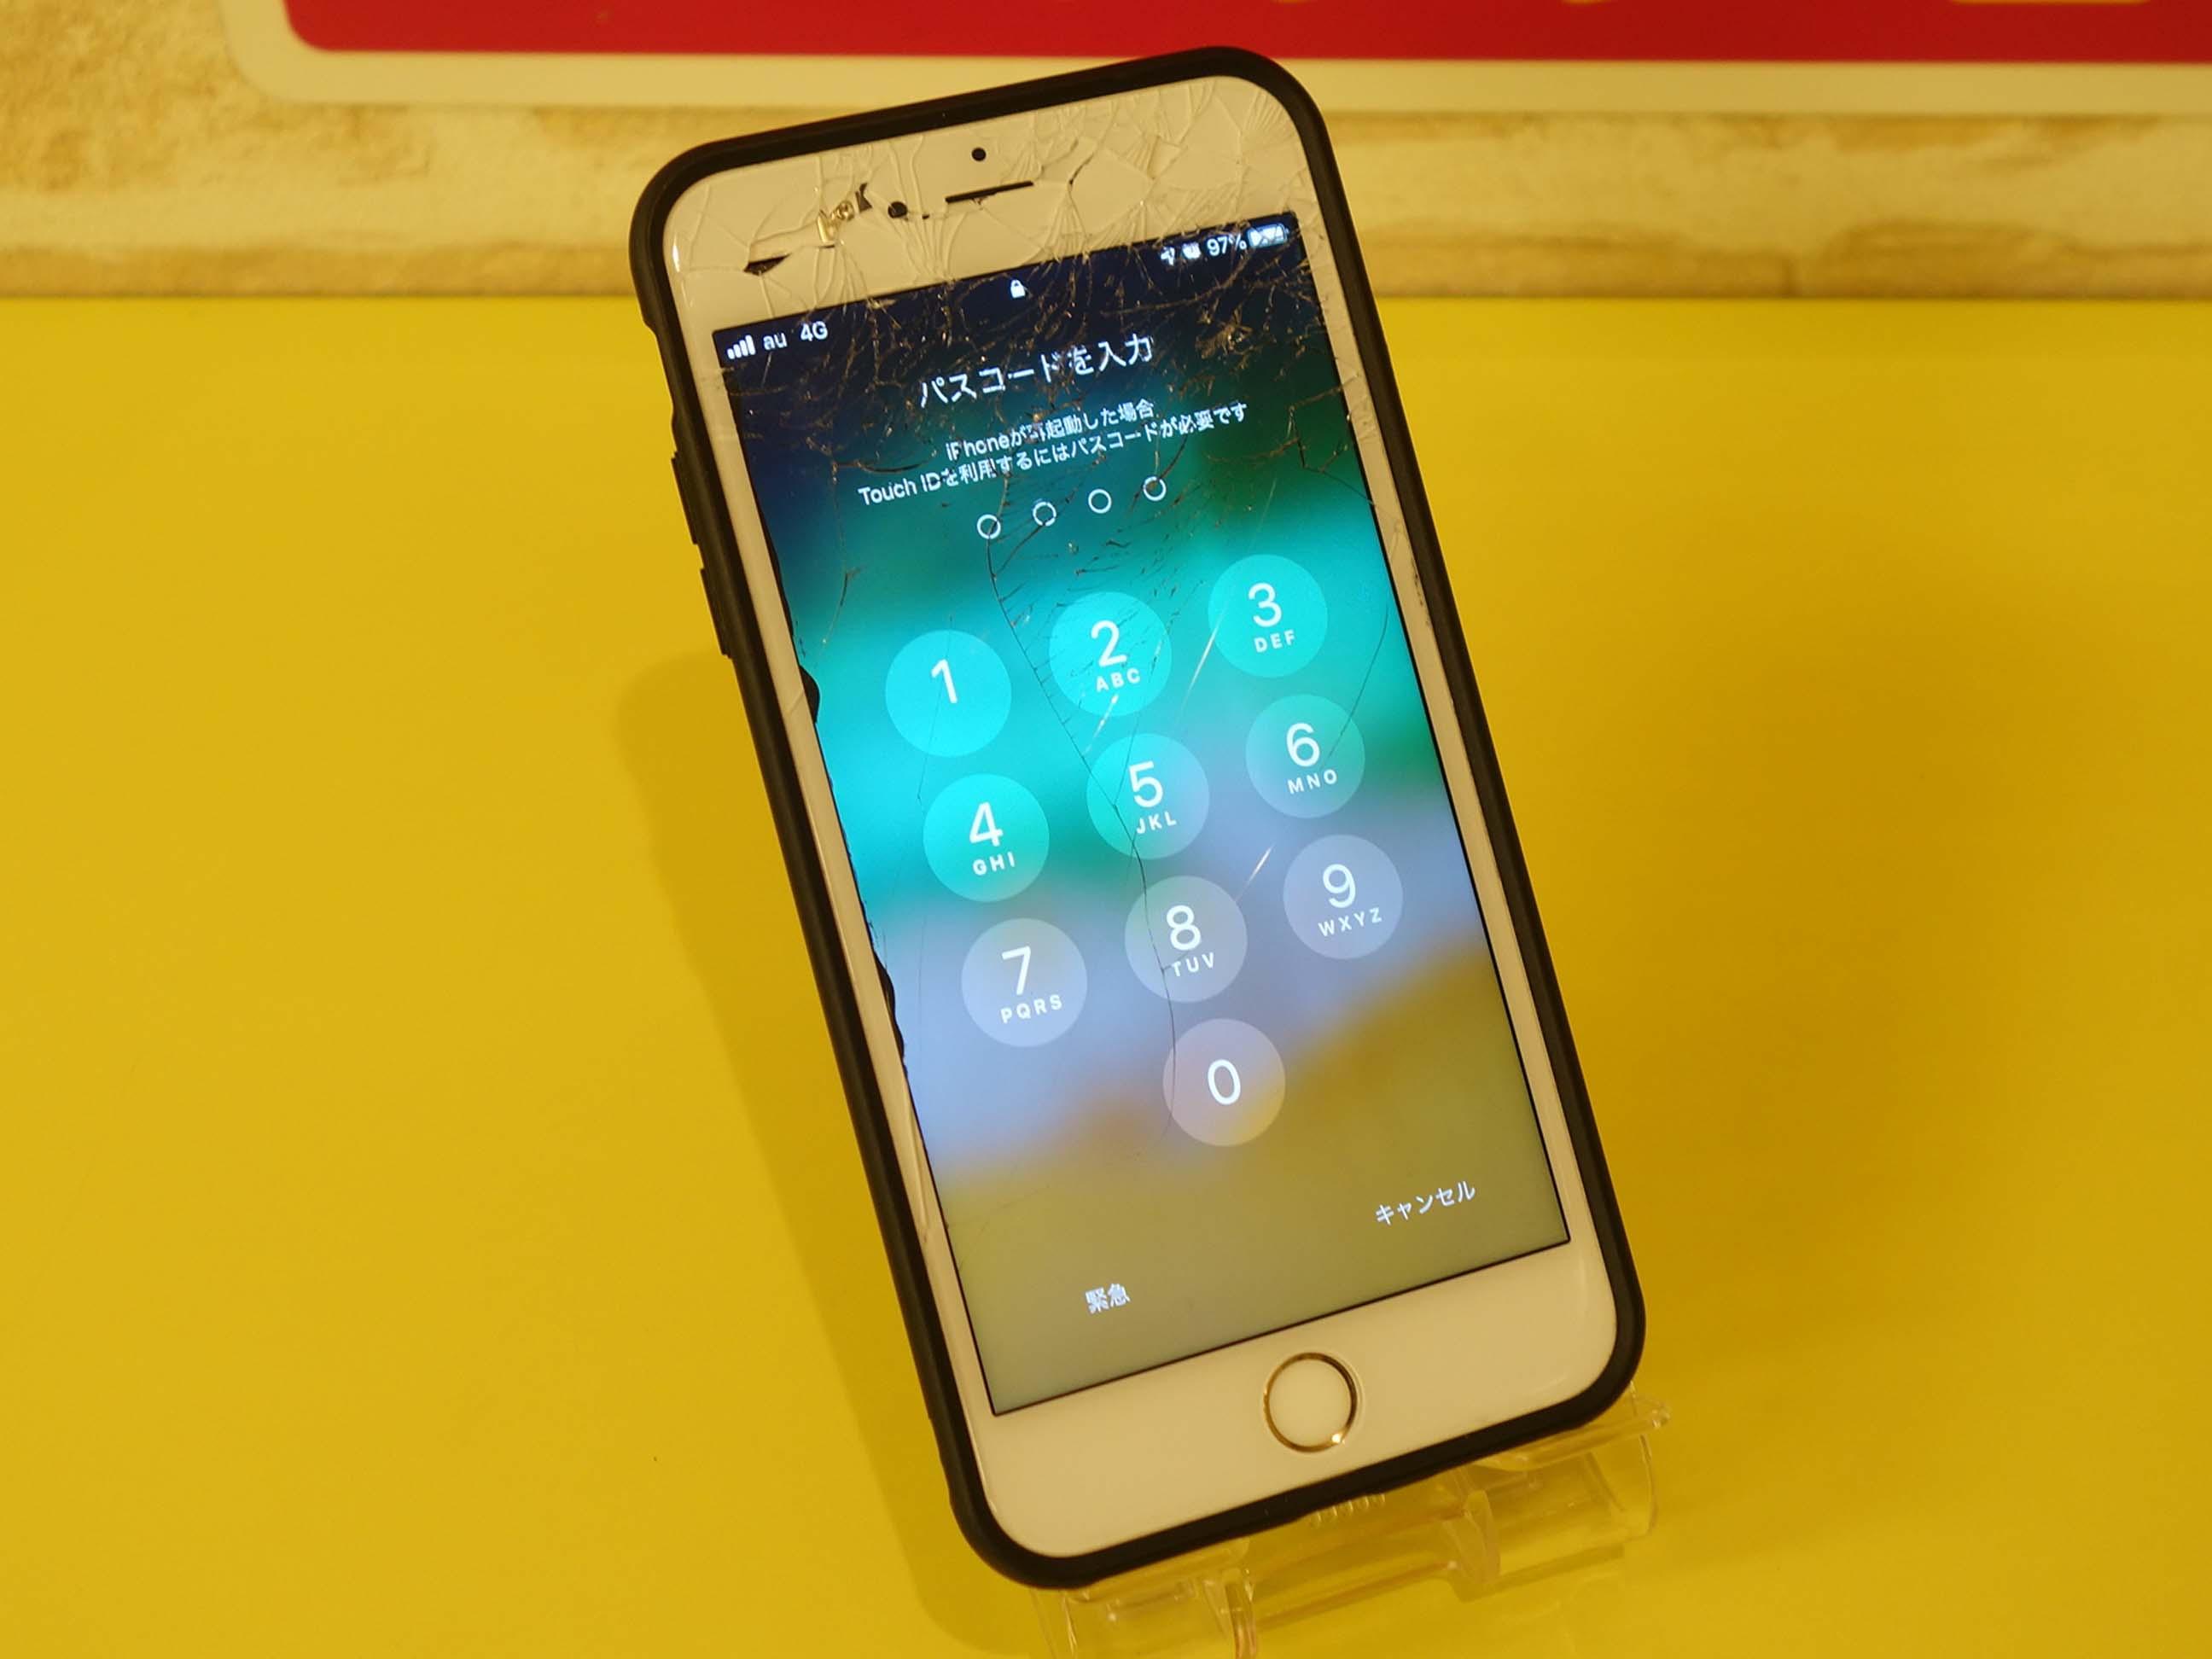 常滑市 iPhone 6SPlus ガラス割れて操作できない アイフォン修理のクイック名古屋